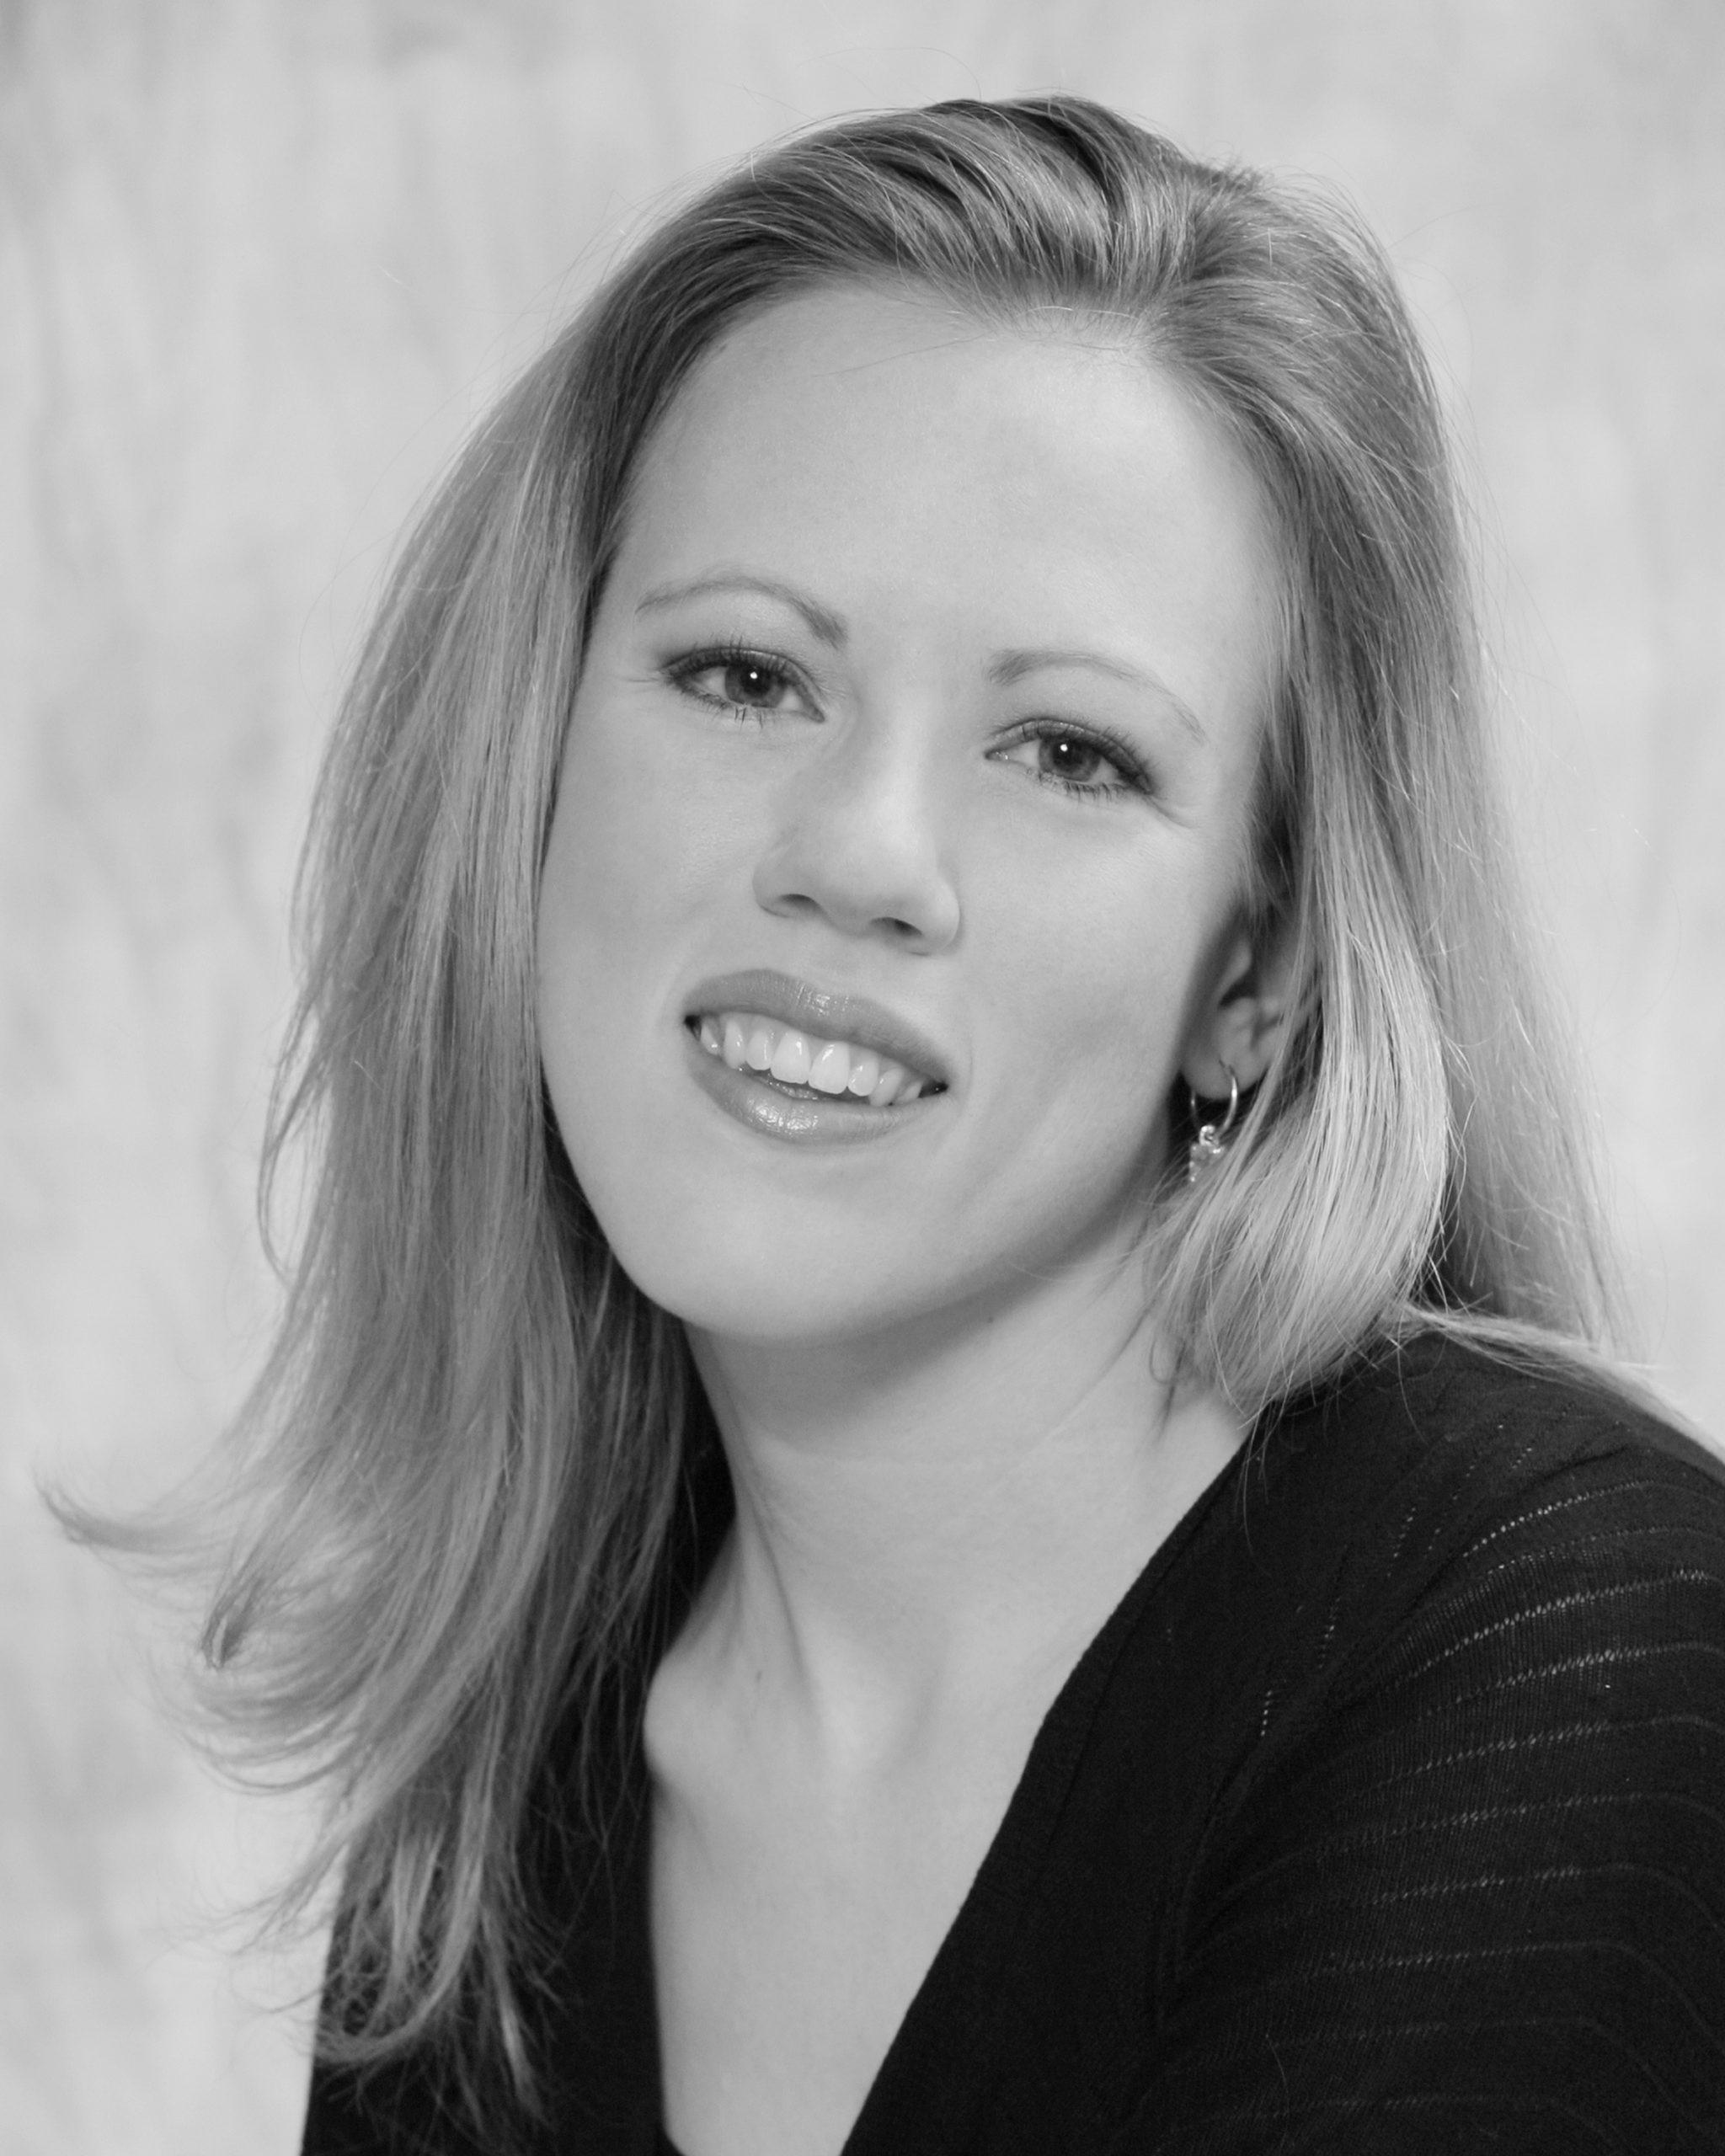 Doctoral student in the School of Music's opera program – Demaree Brown, mezzo-soprano